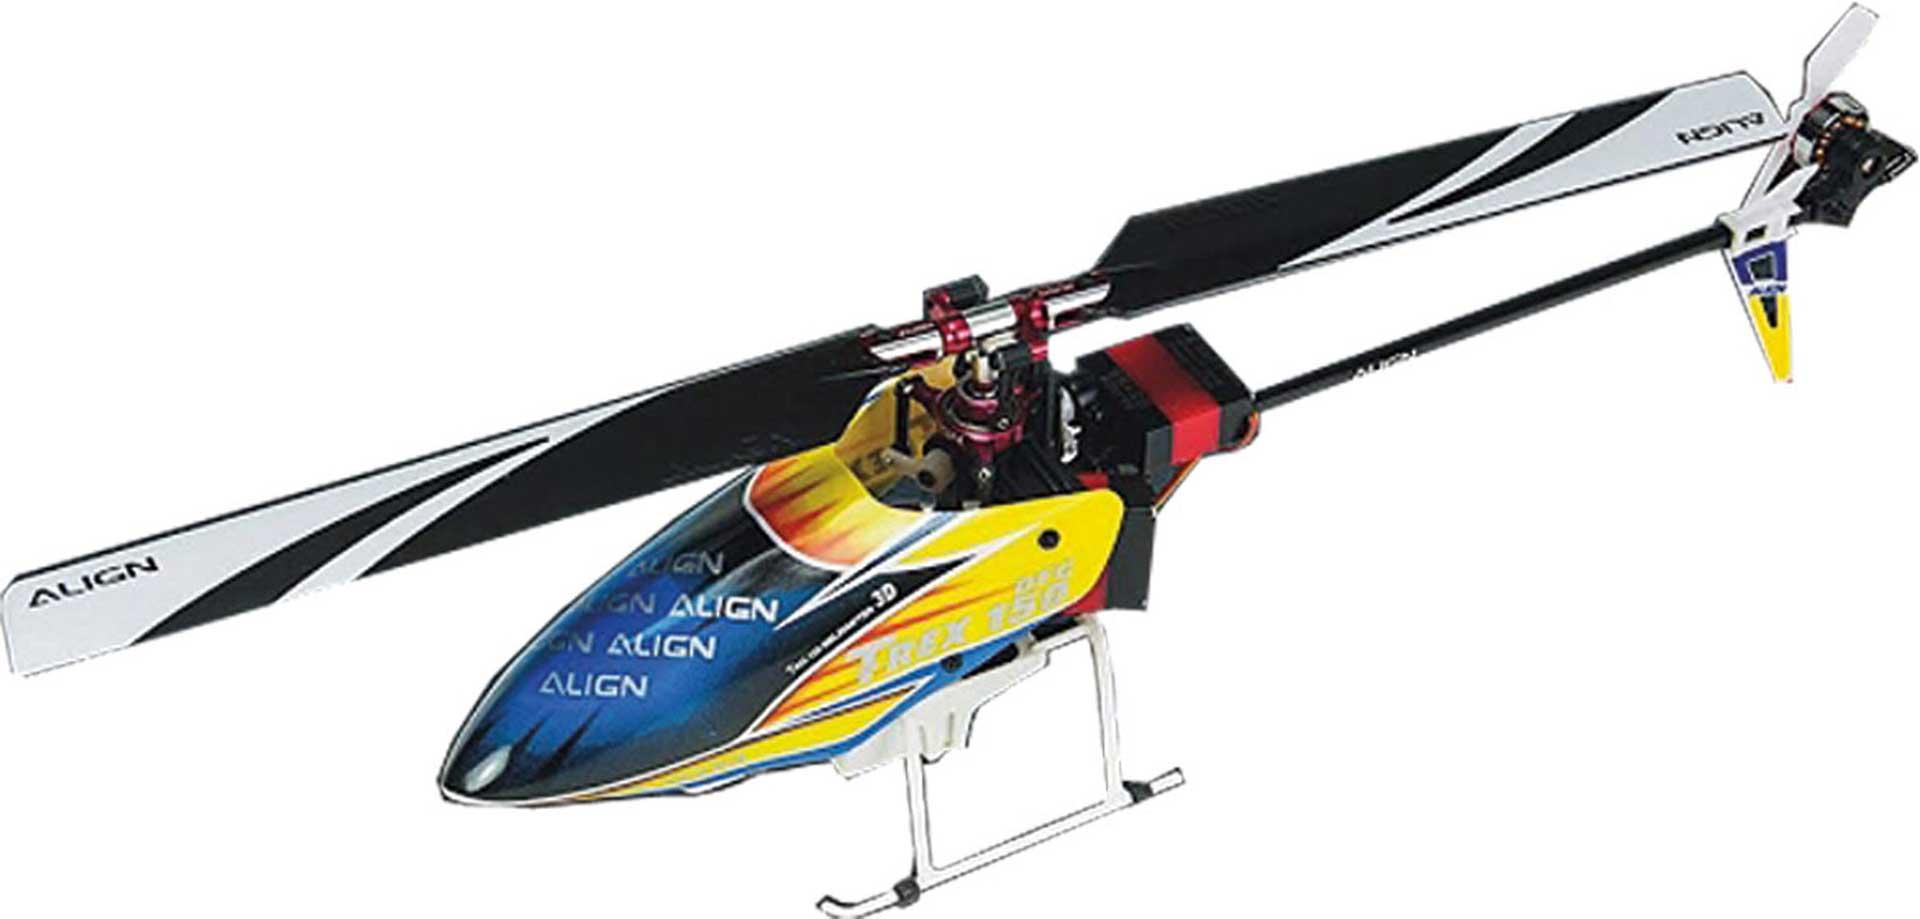 ALIGN T-REX 150X DFC SUPER COMBO BTF Hubschrauber / Helikopter